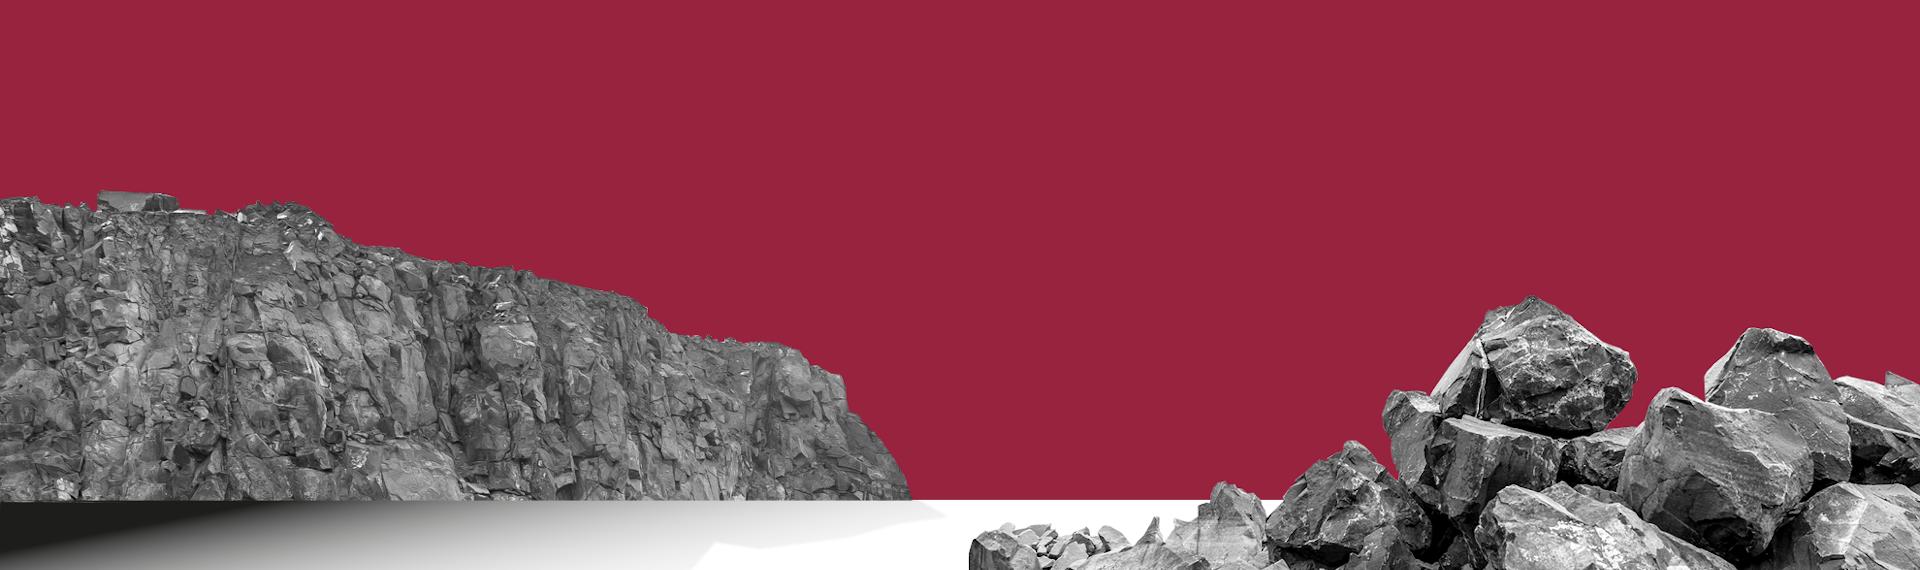 Rocas sobre un fondo rojo